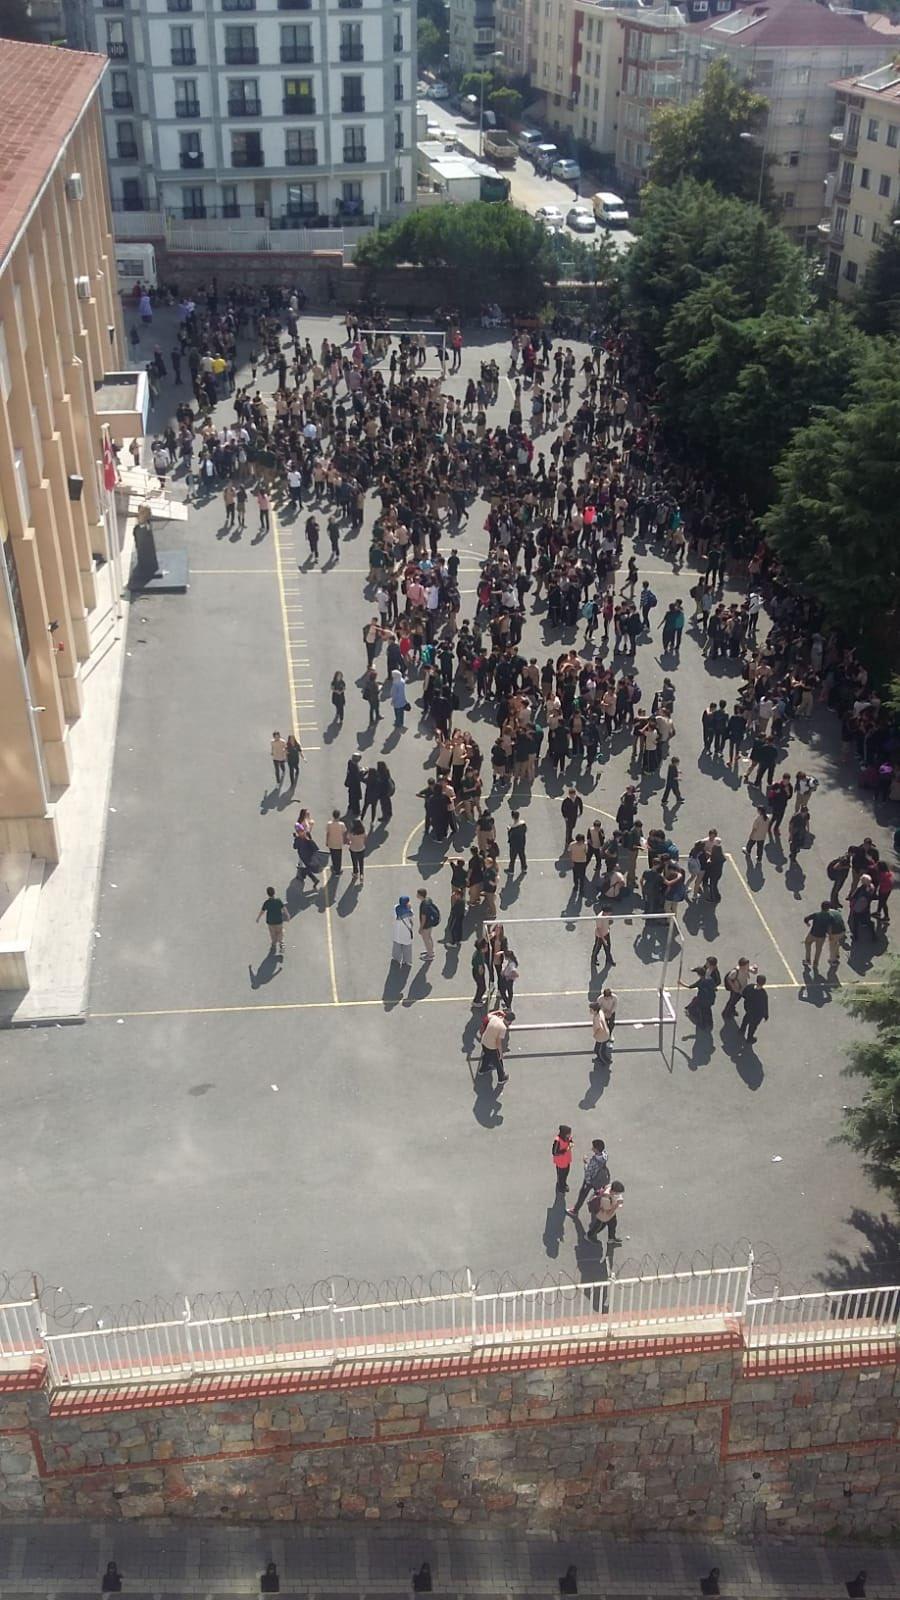 Κόσμος στο δρόμο στην Κωνσταντινούπολη μετά το σεισμό 5,8 Ρίχτερ 26-9-2019